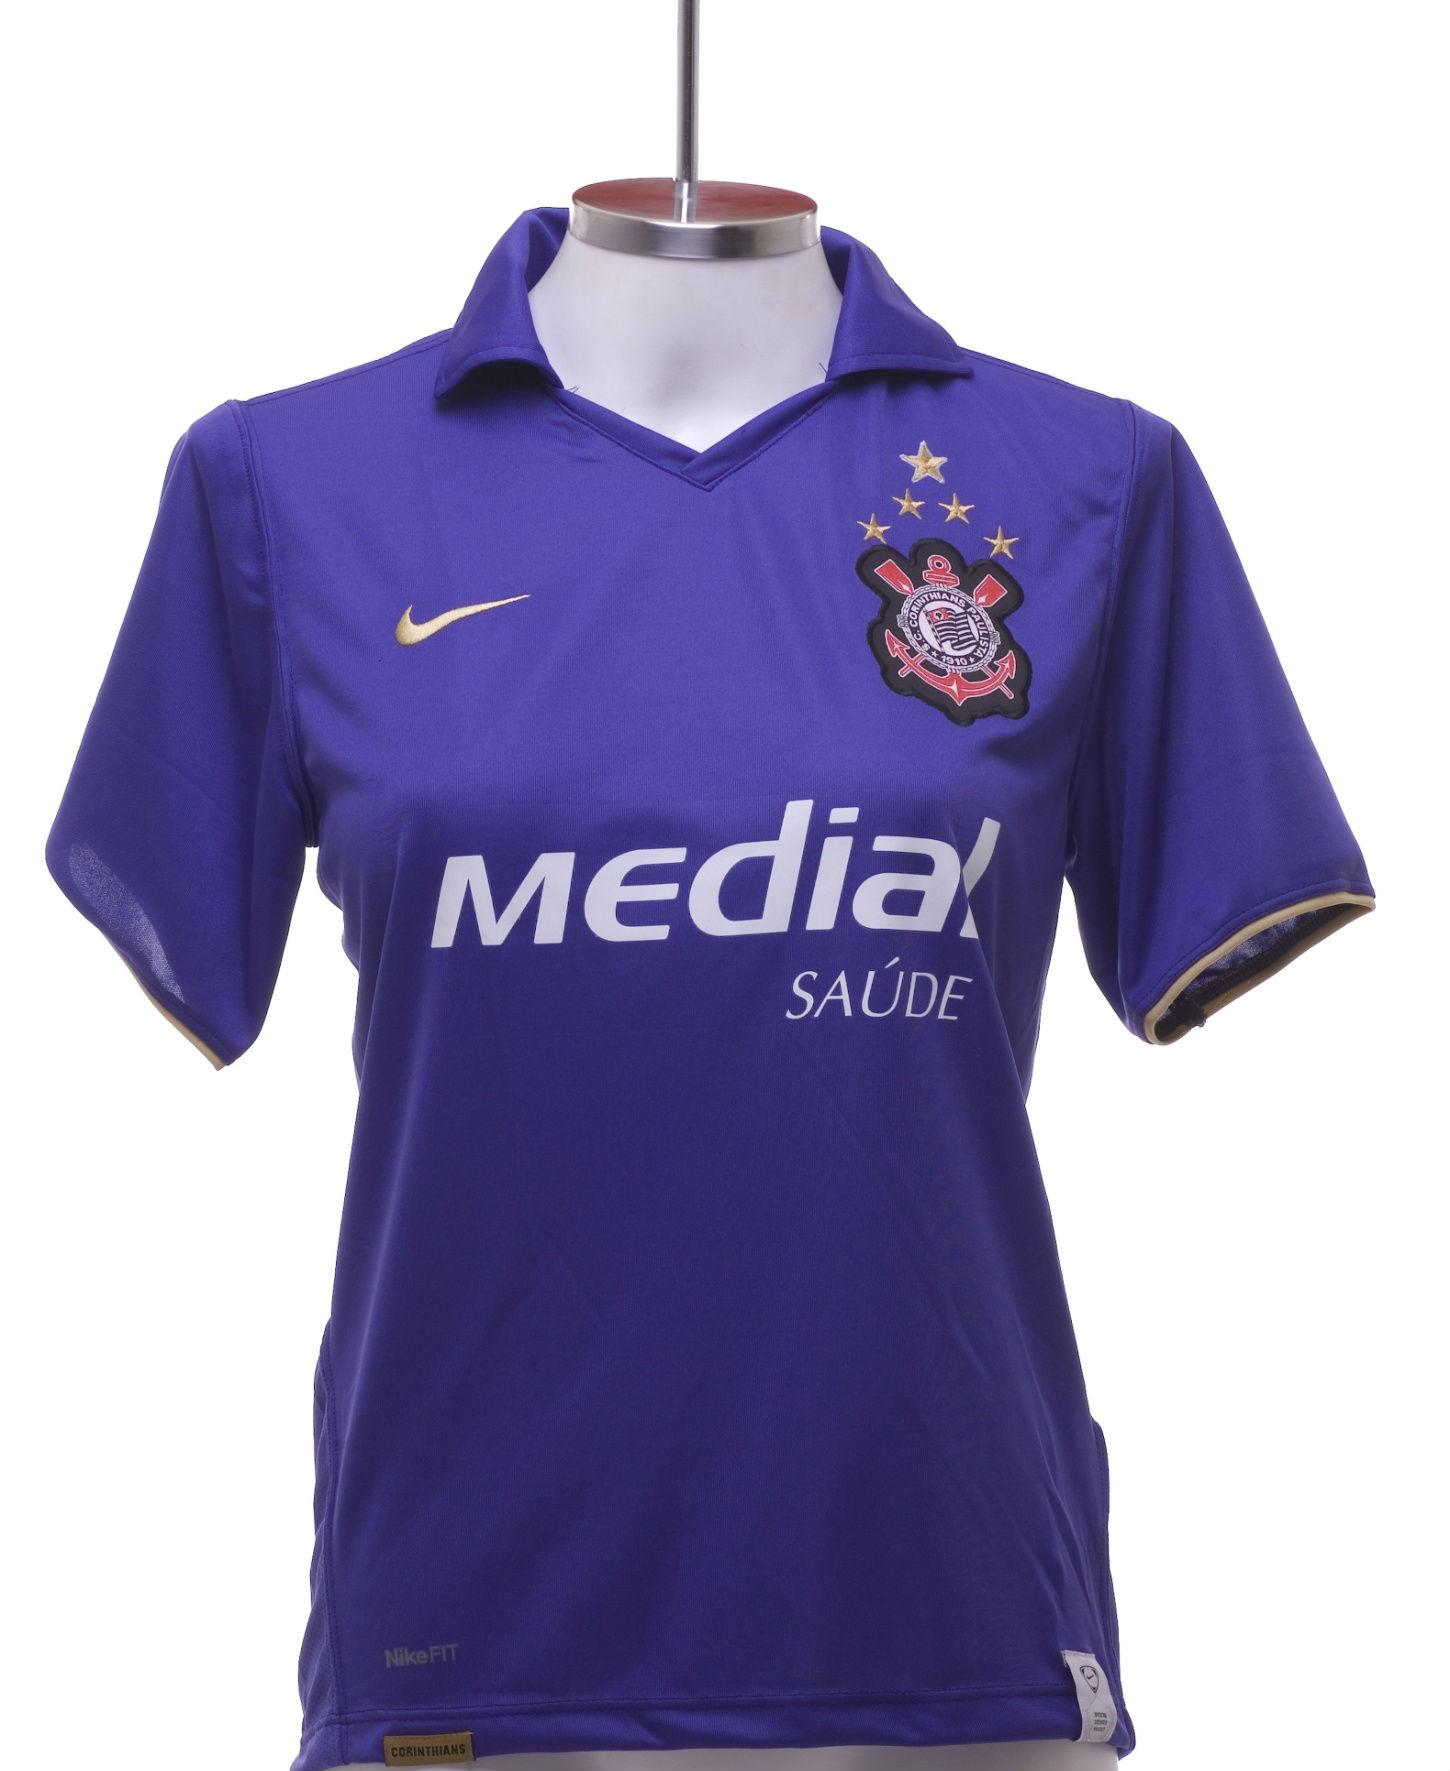 A camisa roxa lançada em 2008 foi feita nessa cor porque corintiano é